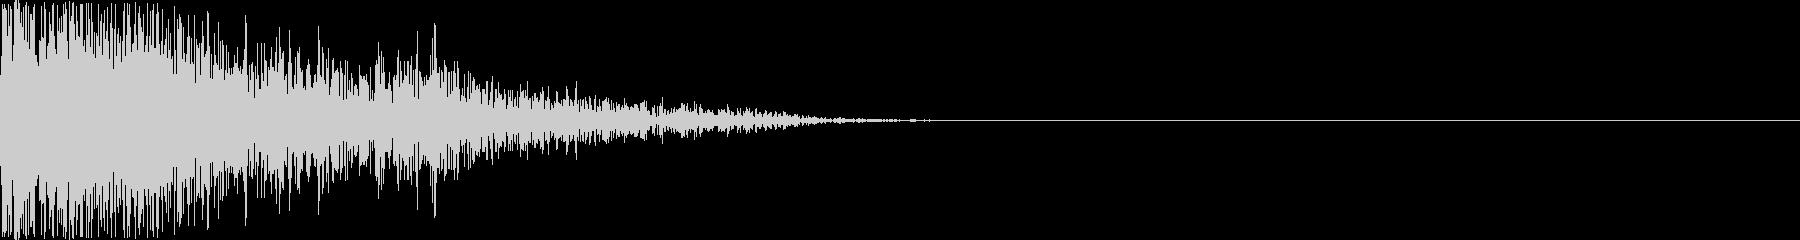 ビックリ、強調する時に鳴らすデン!の音の未再生の波形